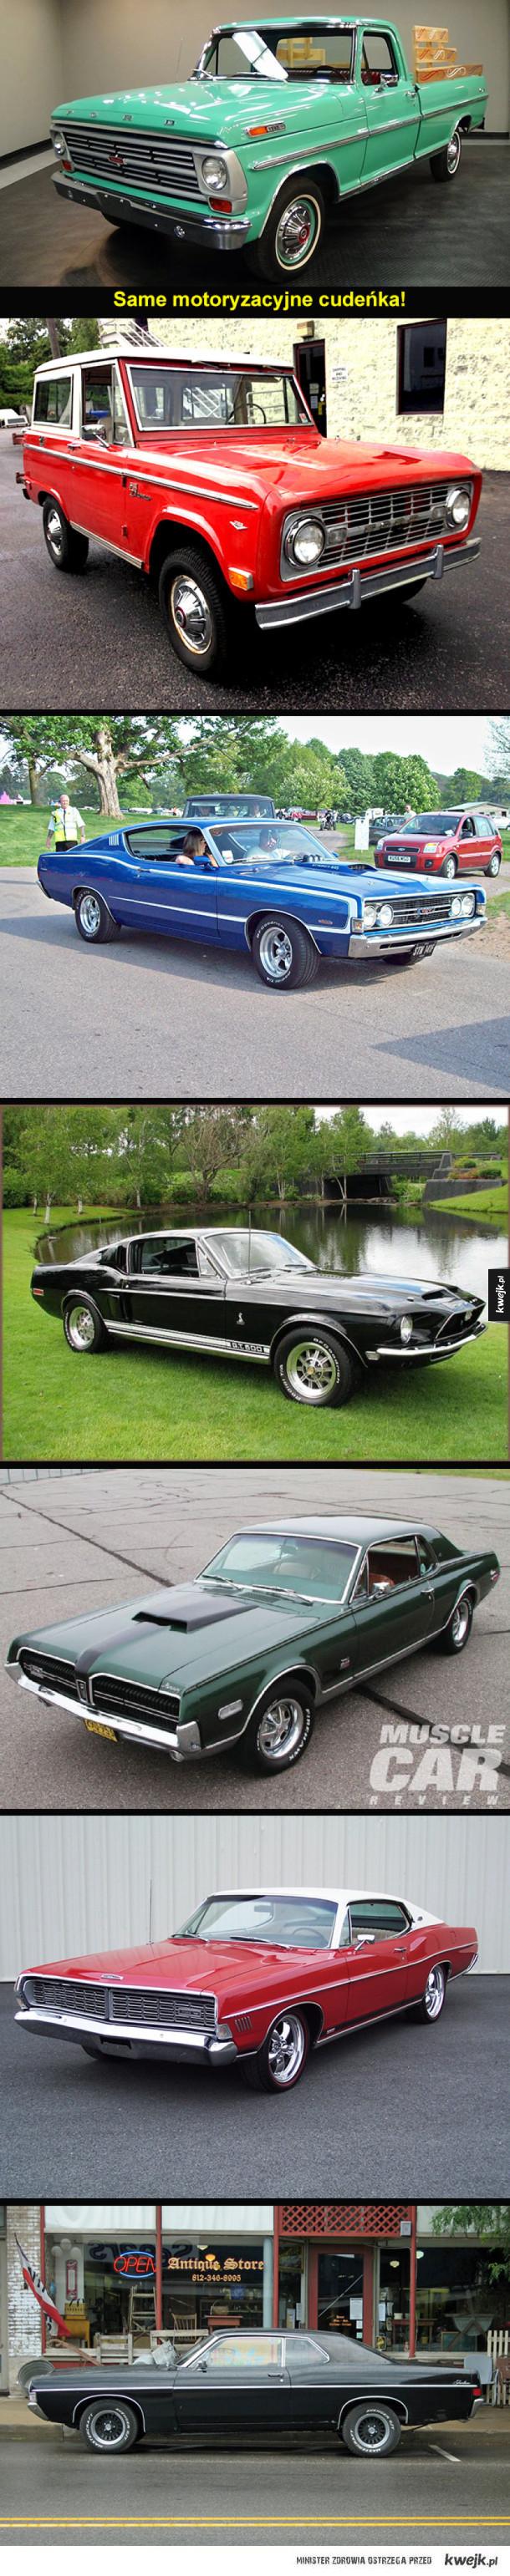 1968 był dla Forda dobrym rokiem